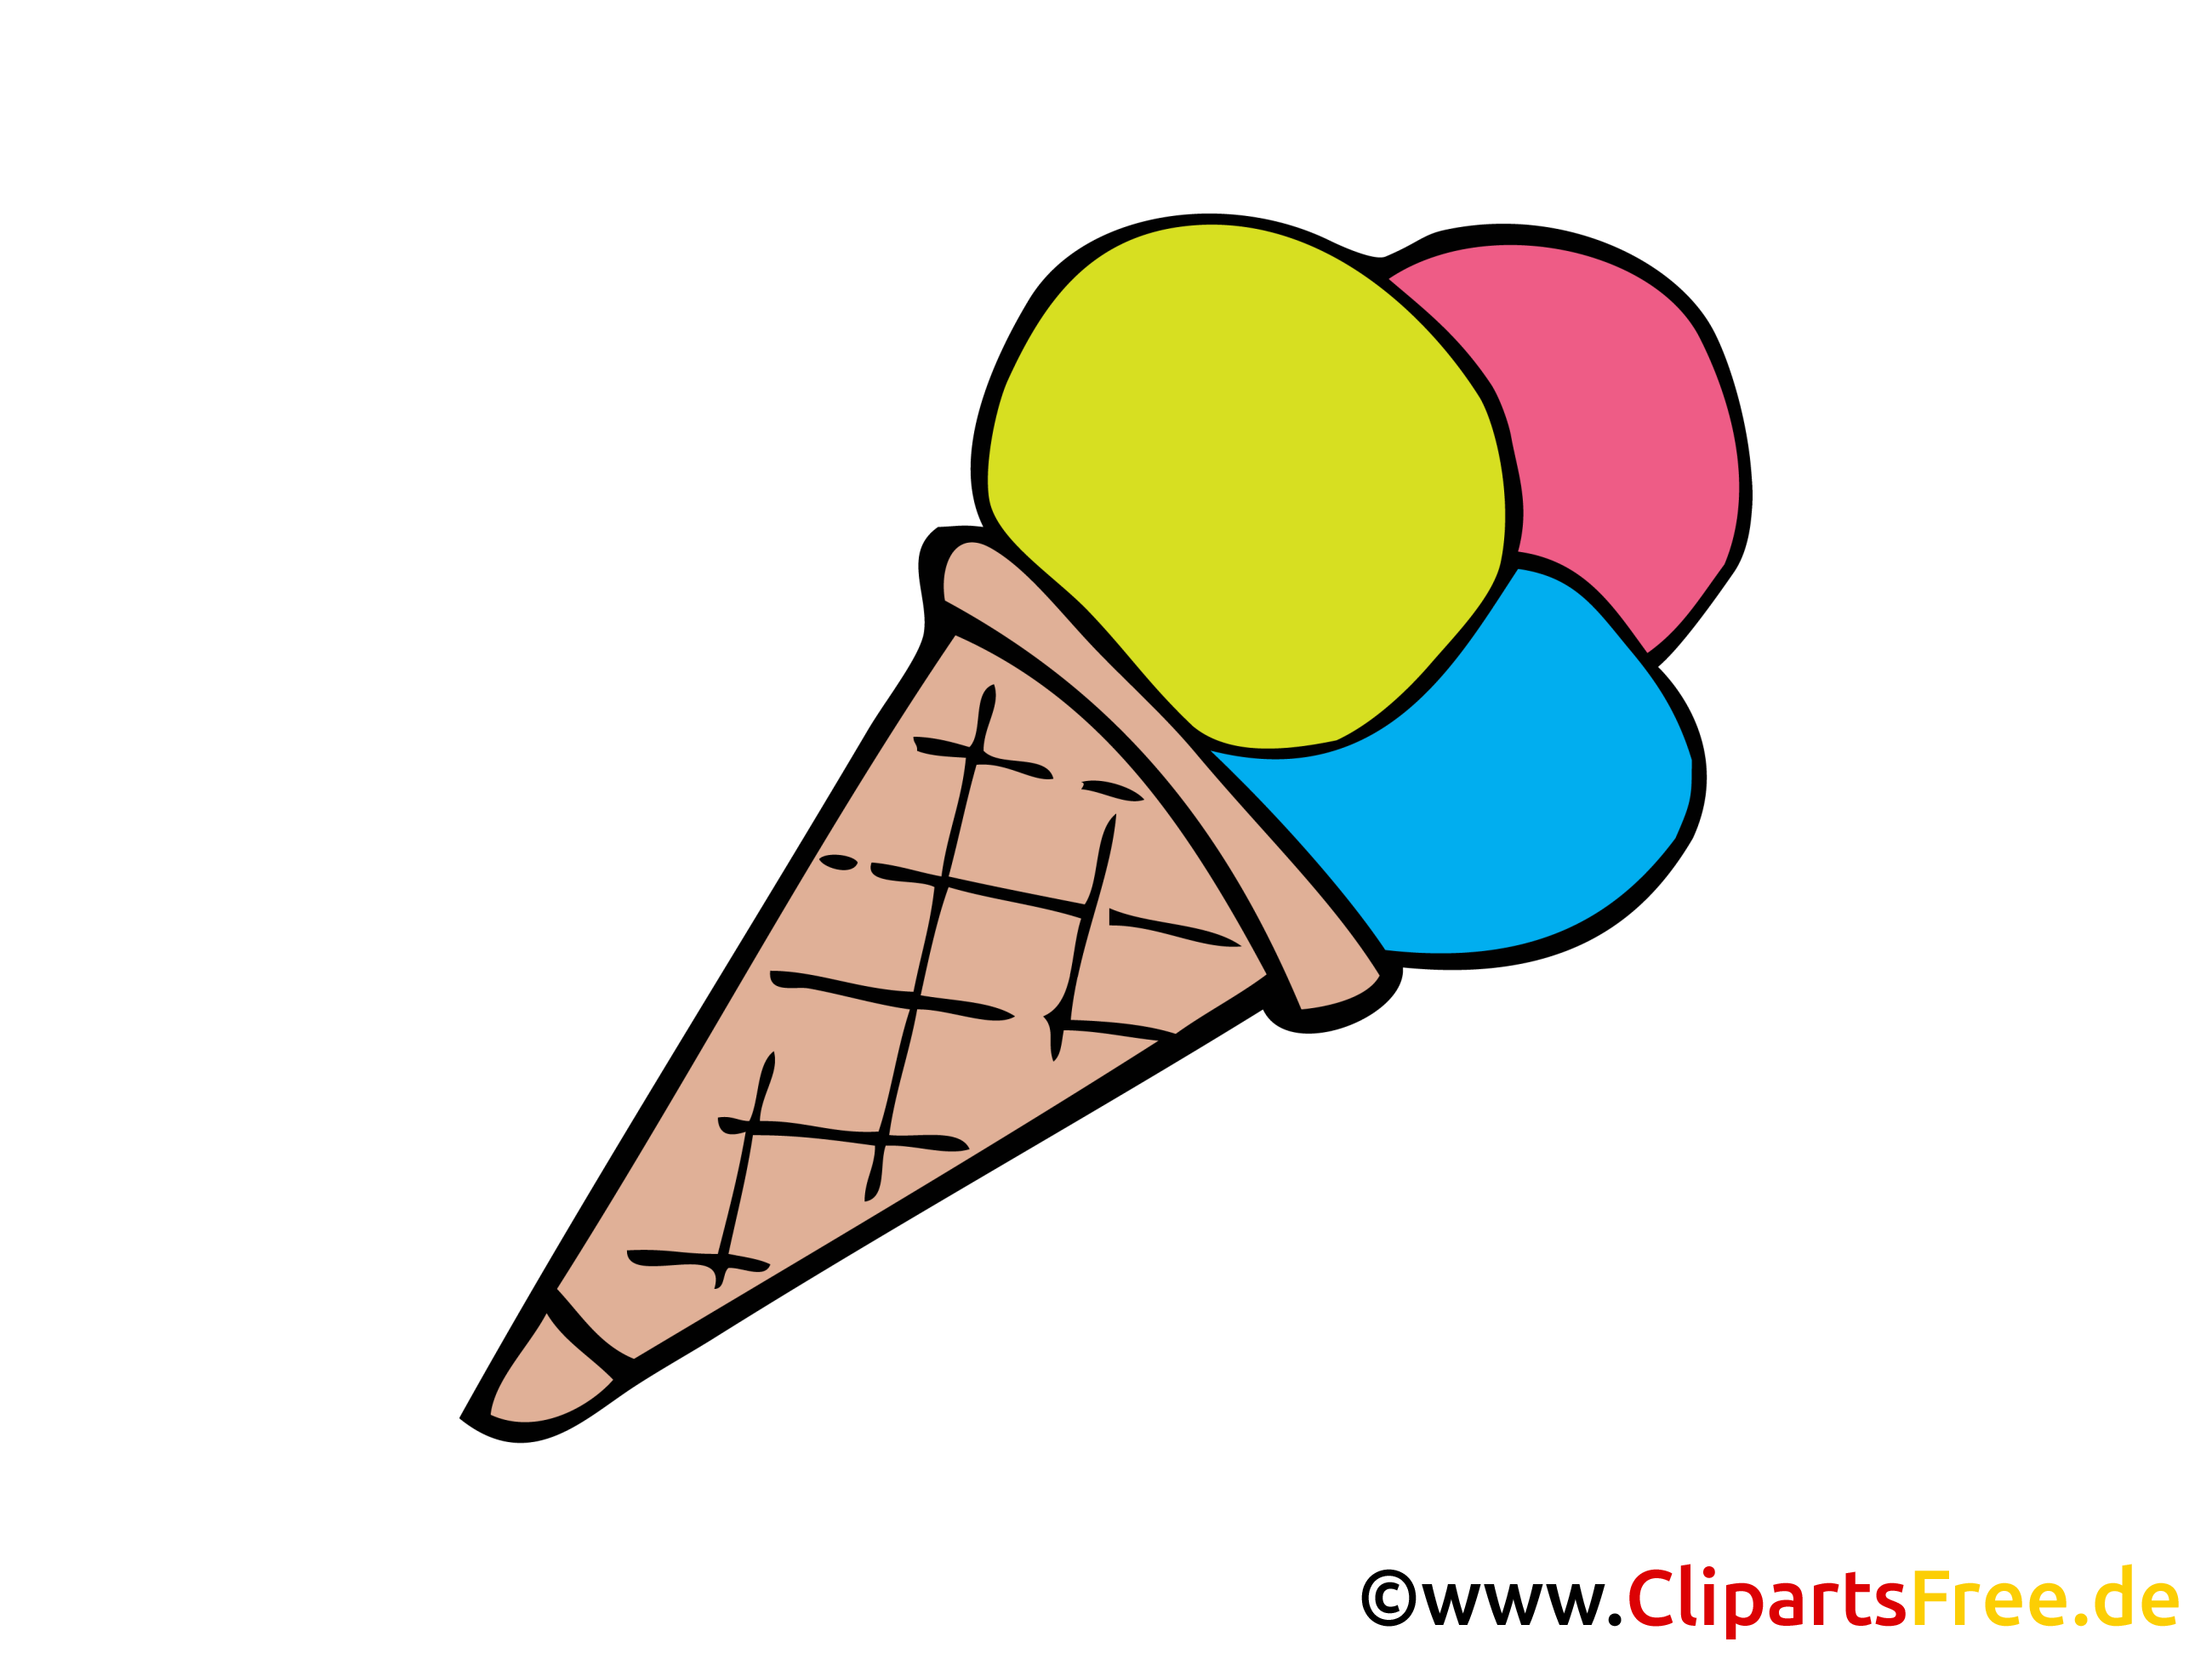 Glace clipart - Nourriture dessins gratuits